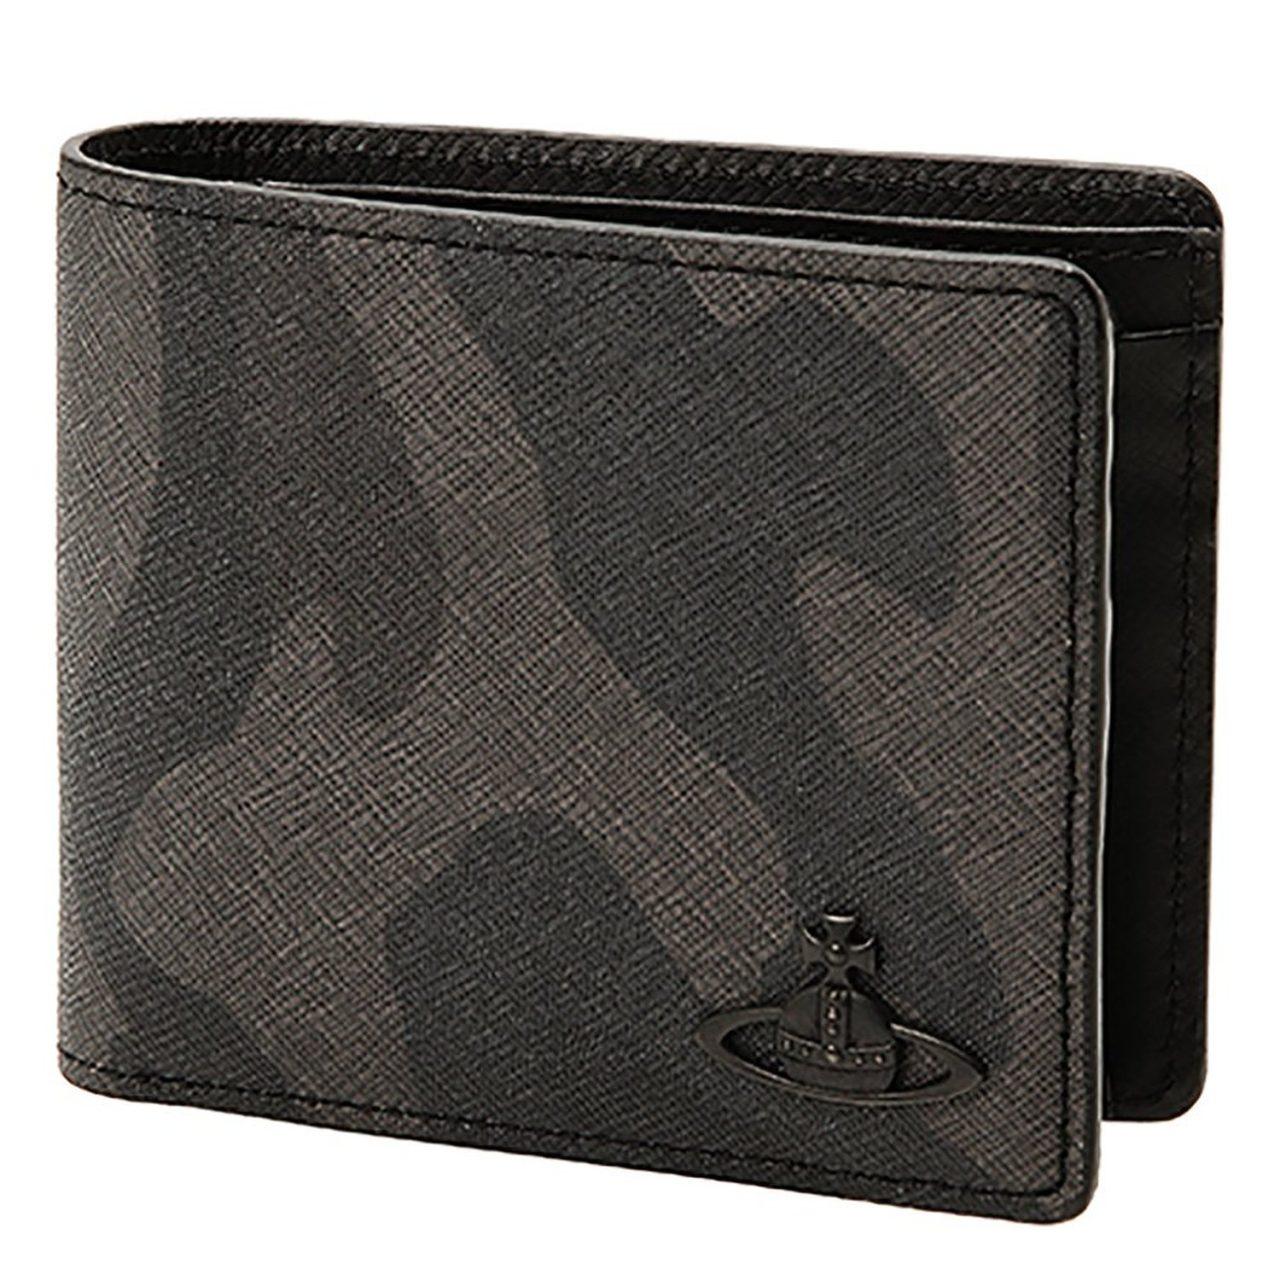 ヴィヴィアン カモフラ柄メンズ二つ折り財布